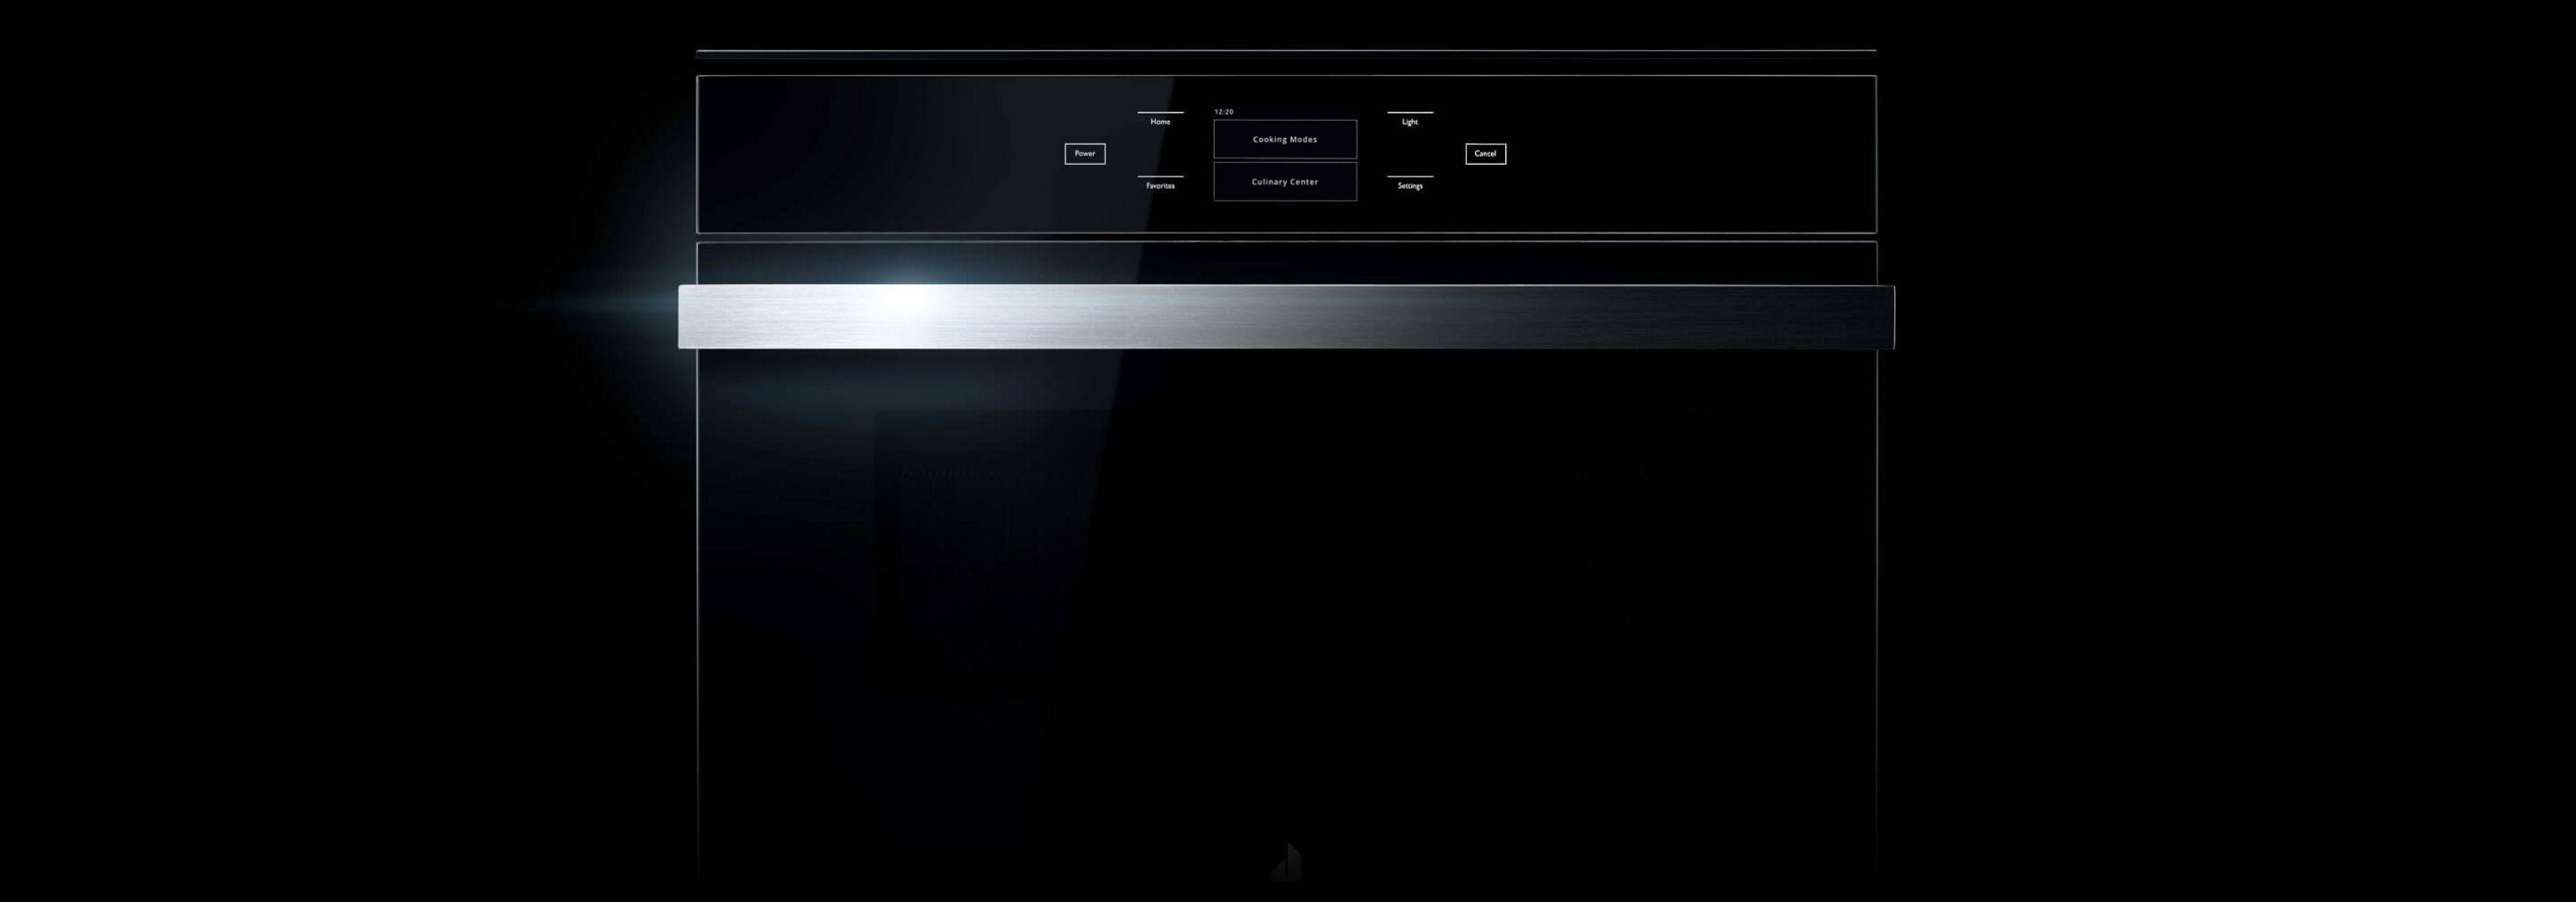 NOIR™ 60cm Built-In Speed Oven